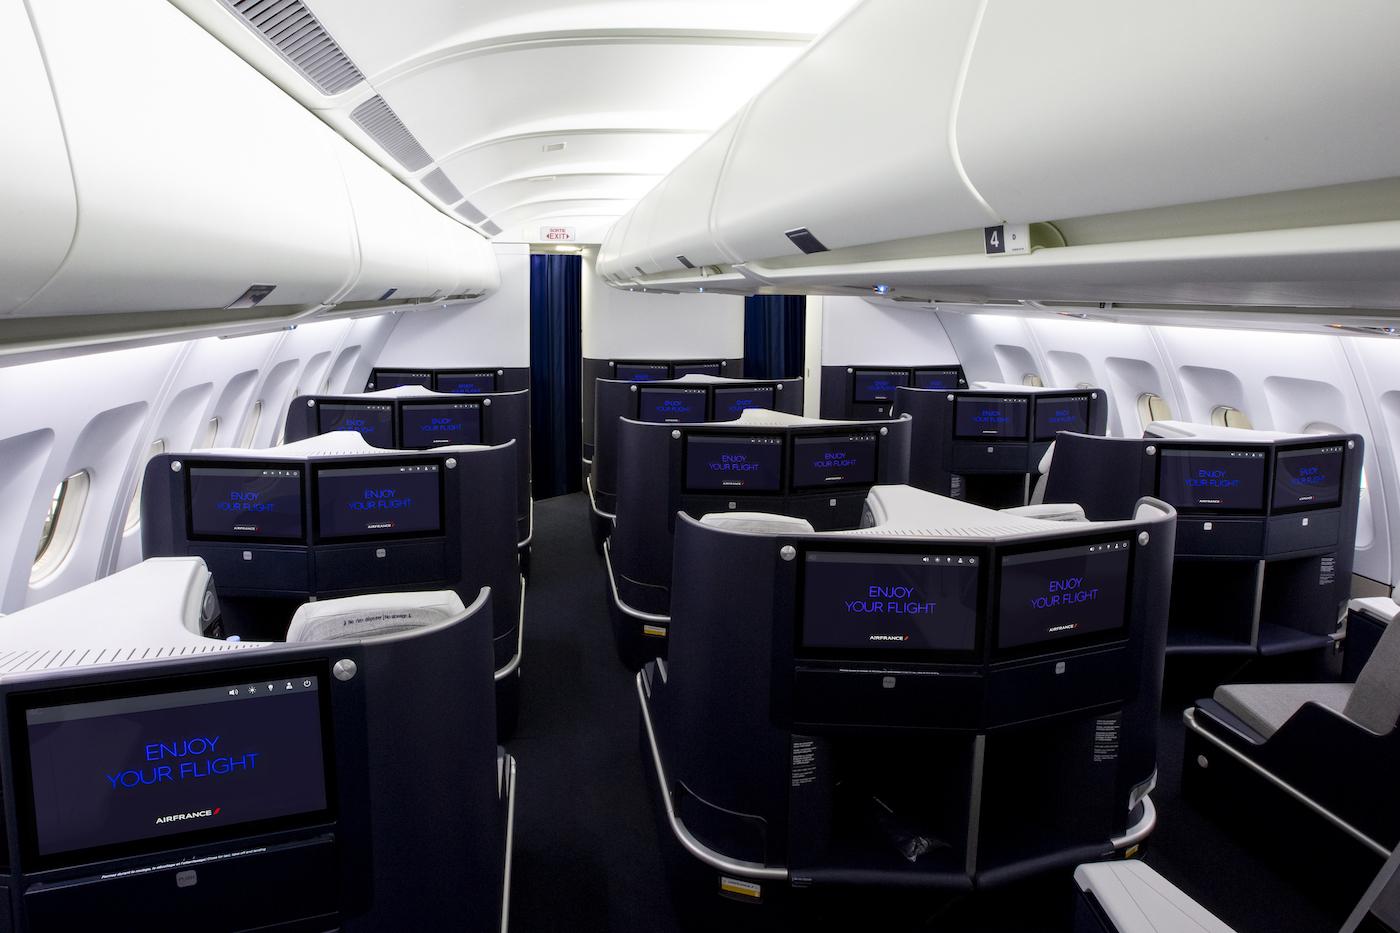 Air France präsentiert die neue Business Klasse im Airbus A330 5